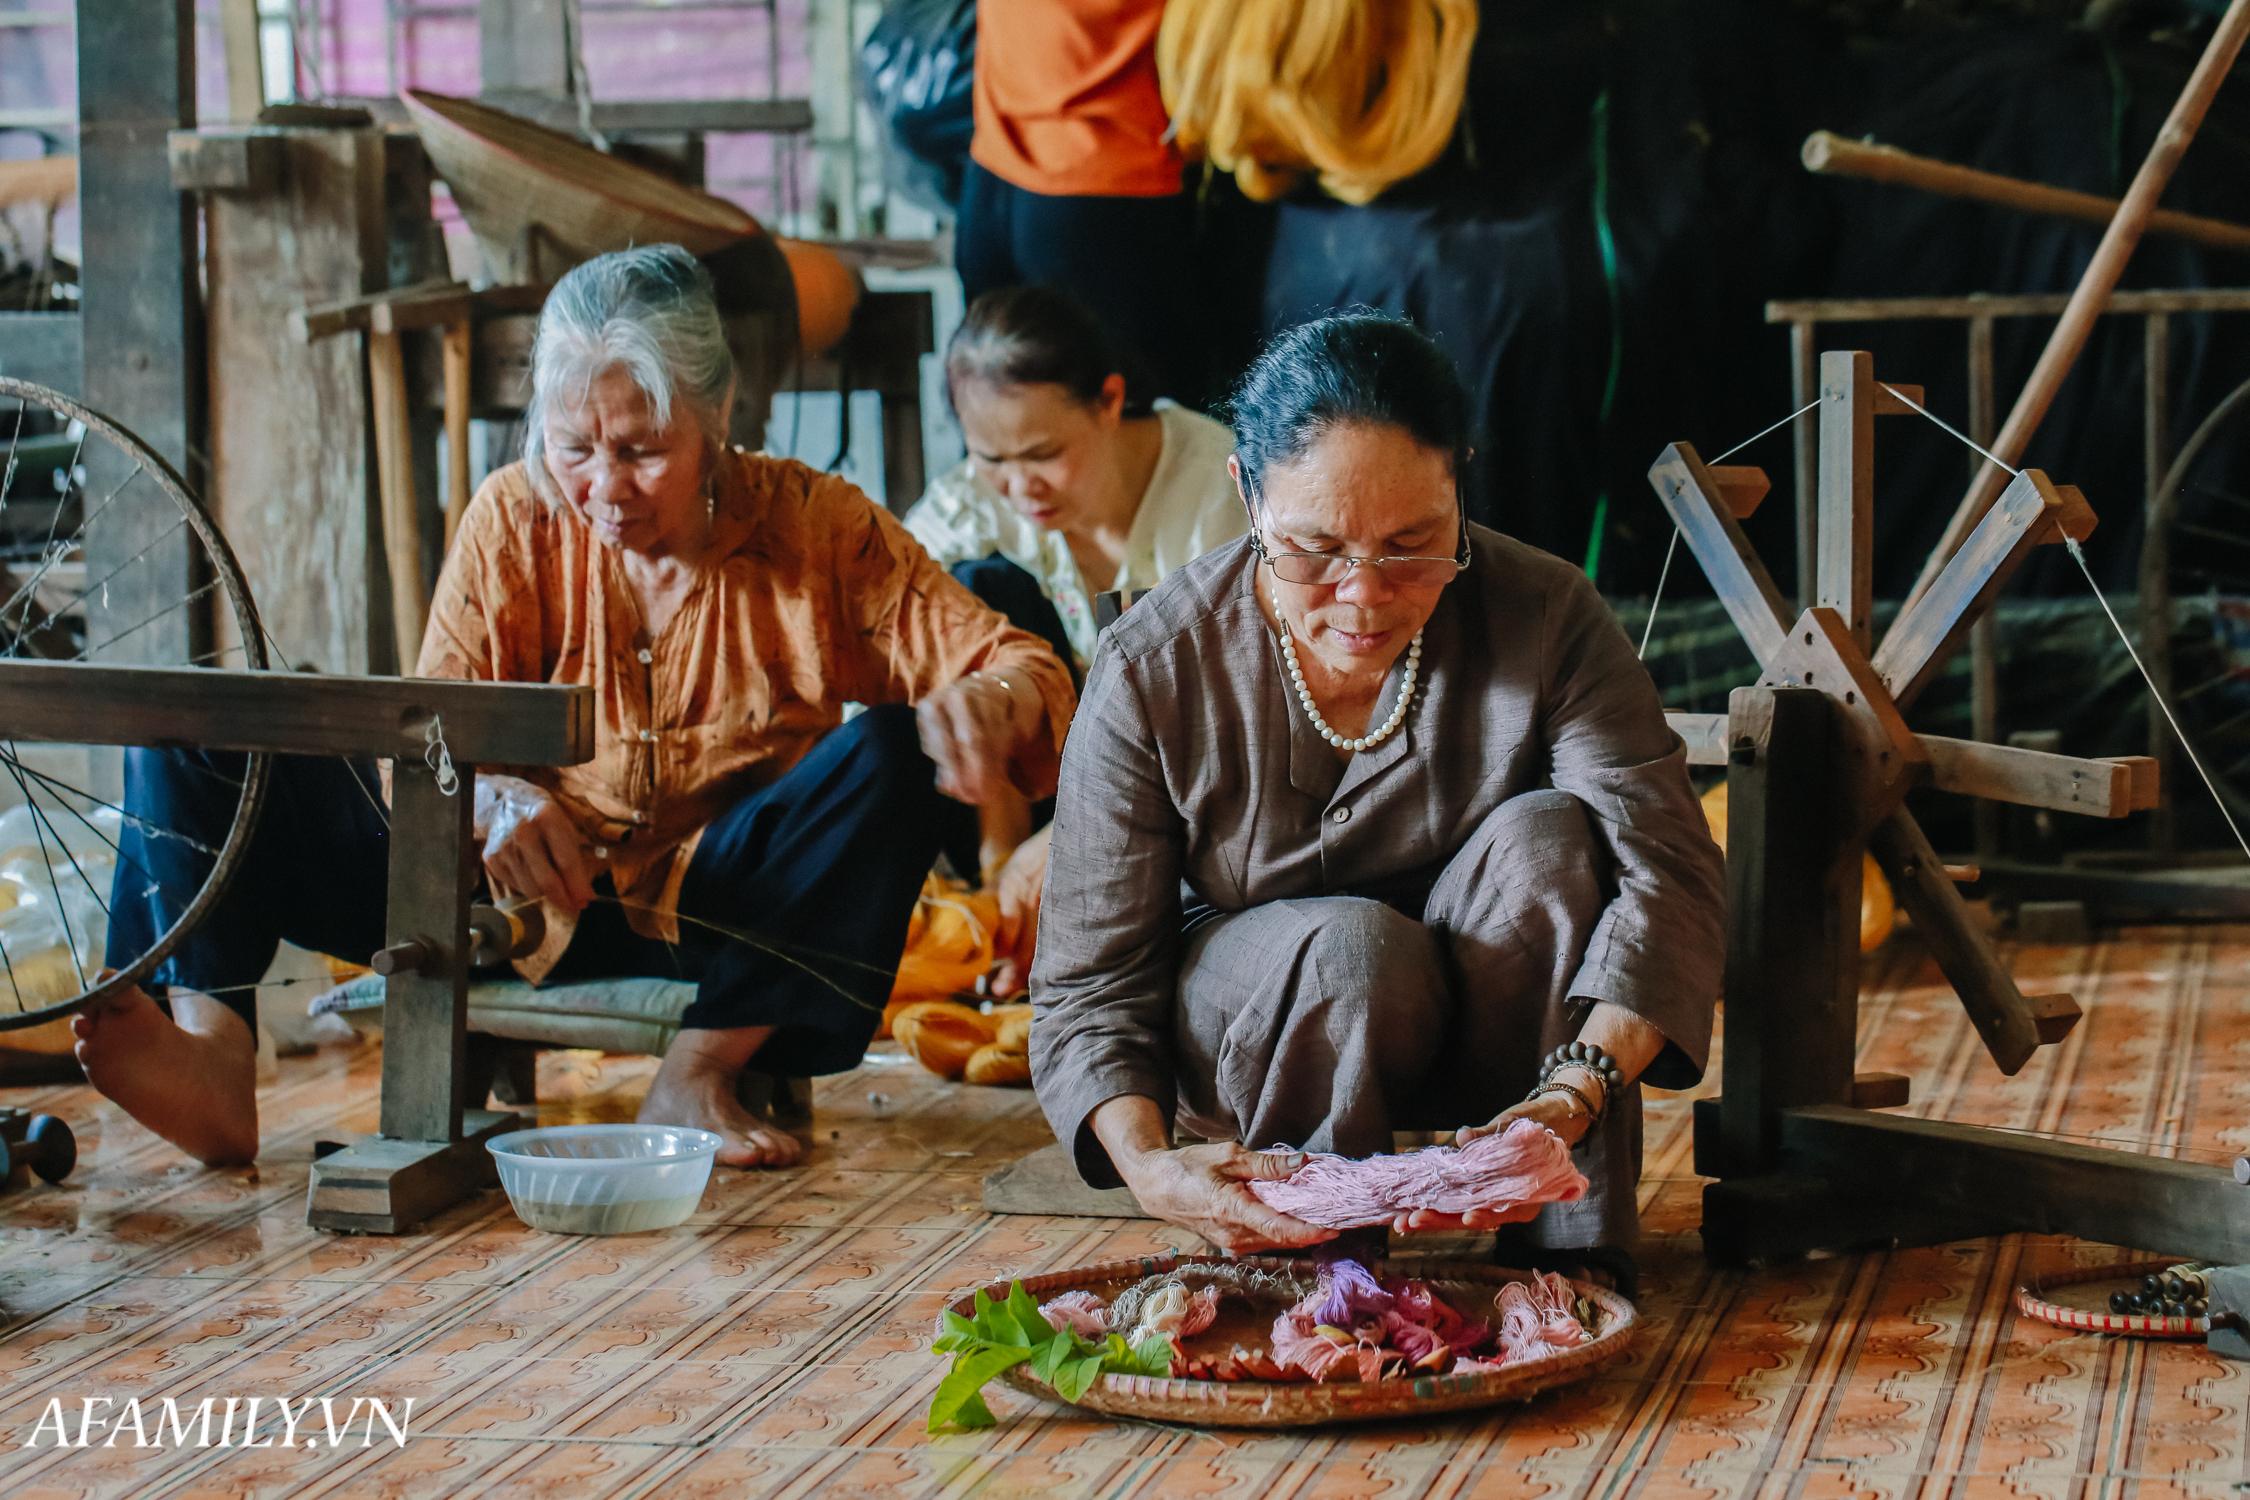 """Người phụ nữ chân quê ngoại thành Hà Nội với biệt tài """"bắt sen nhả tơ"""", làm nên chiếc khăn giá chẳng kém gì hàng hiệu nổi tiếng - Ảnh 10."""